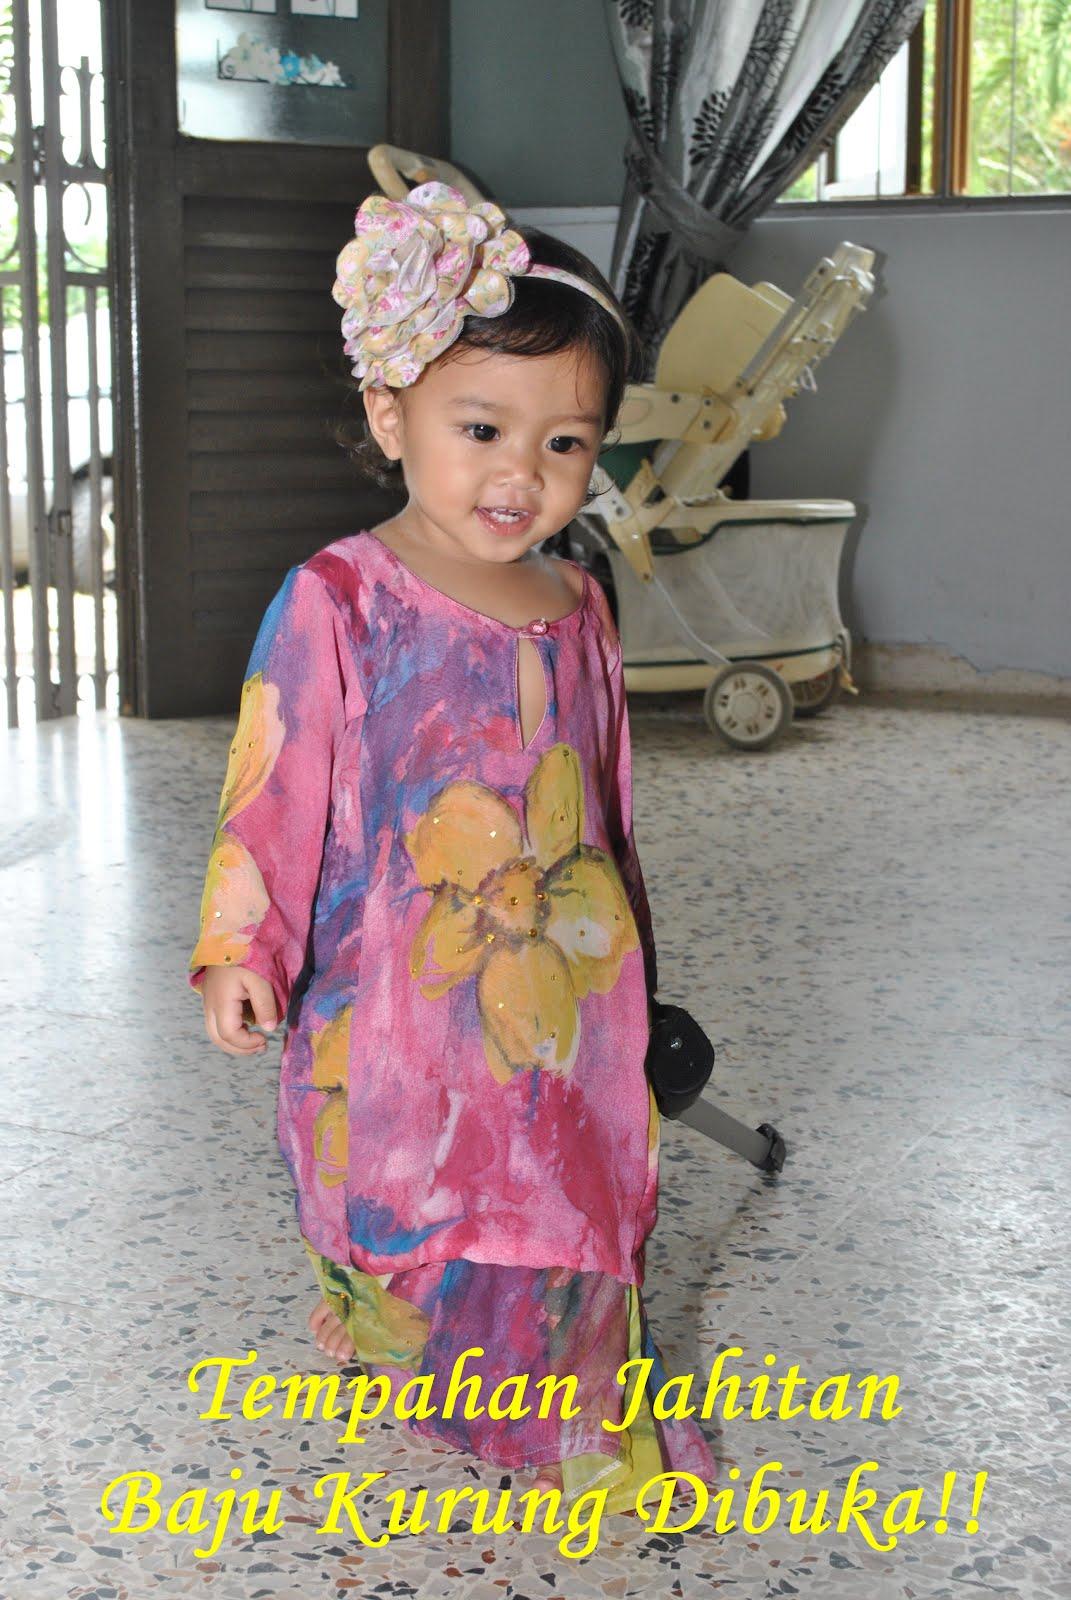 Yang nie antara baju Kurung Cute Mum yang Lieya Jahit.. Tempahan masih ...